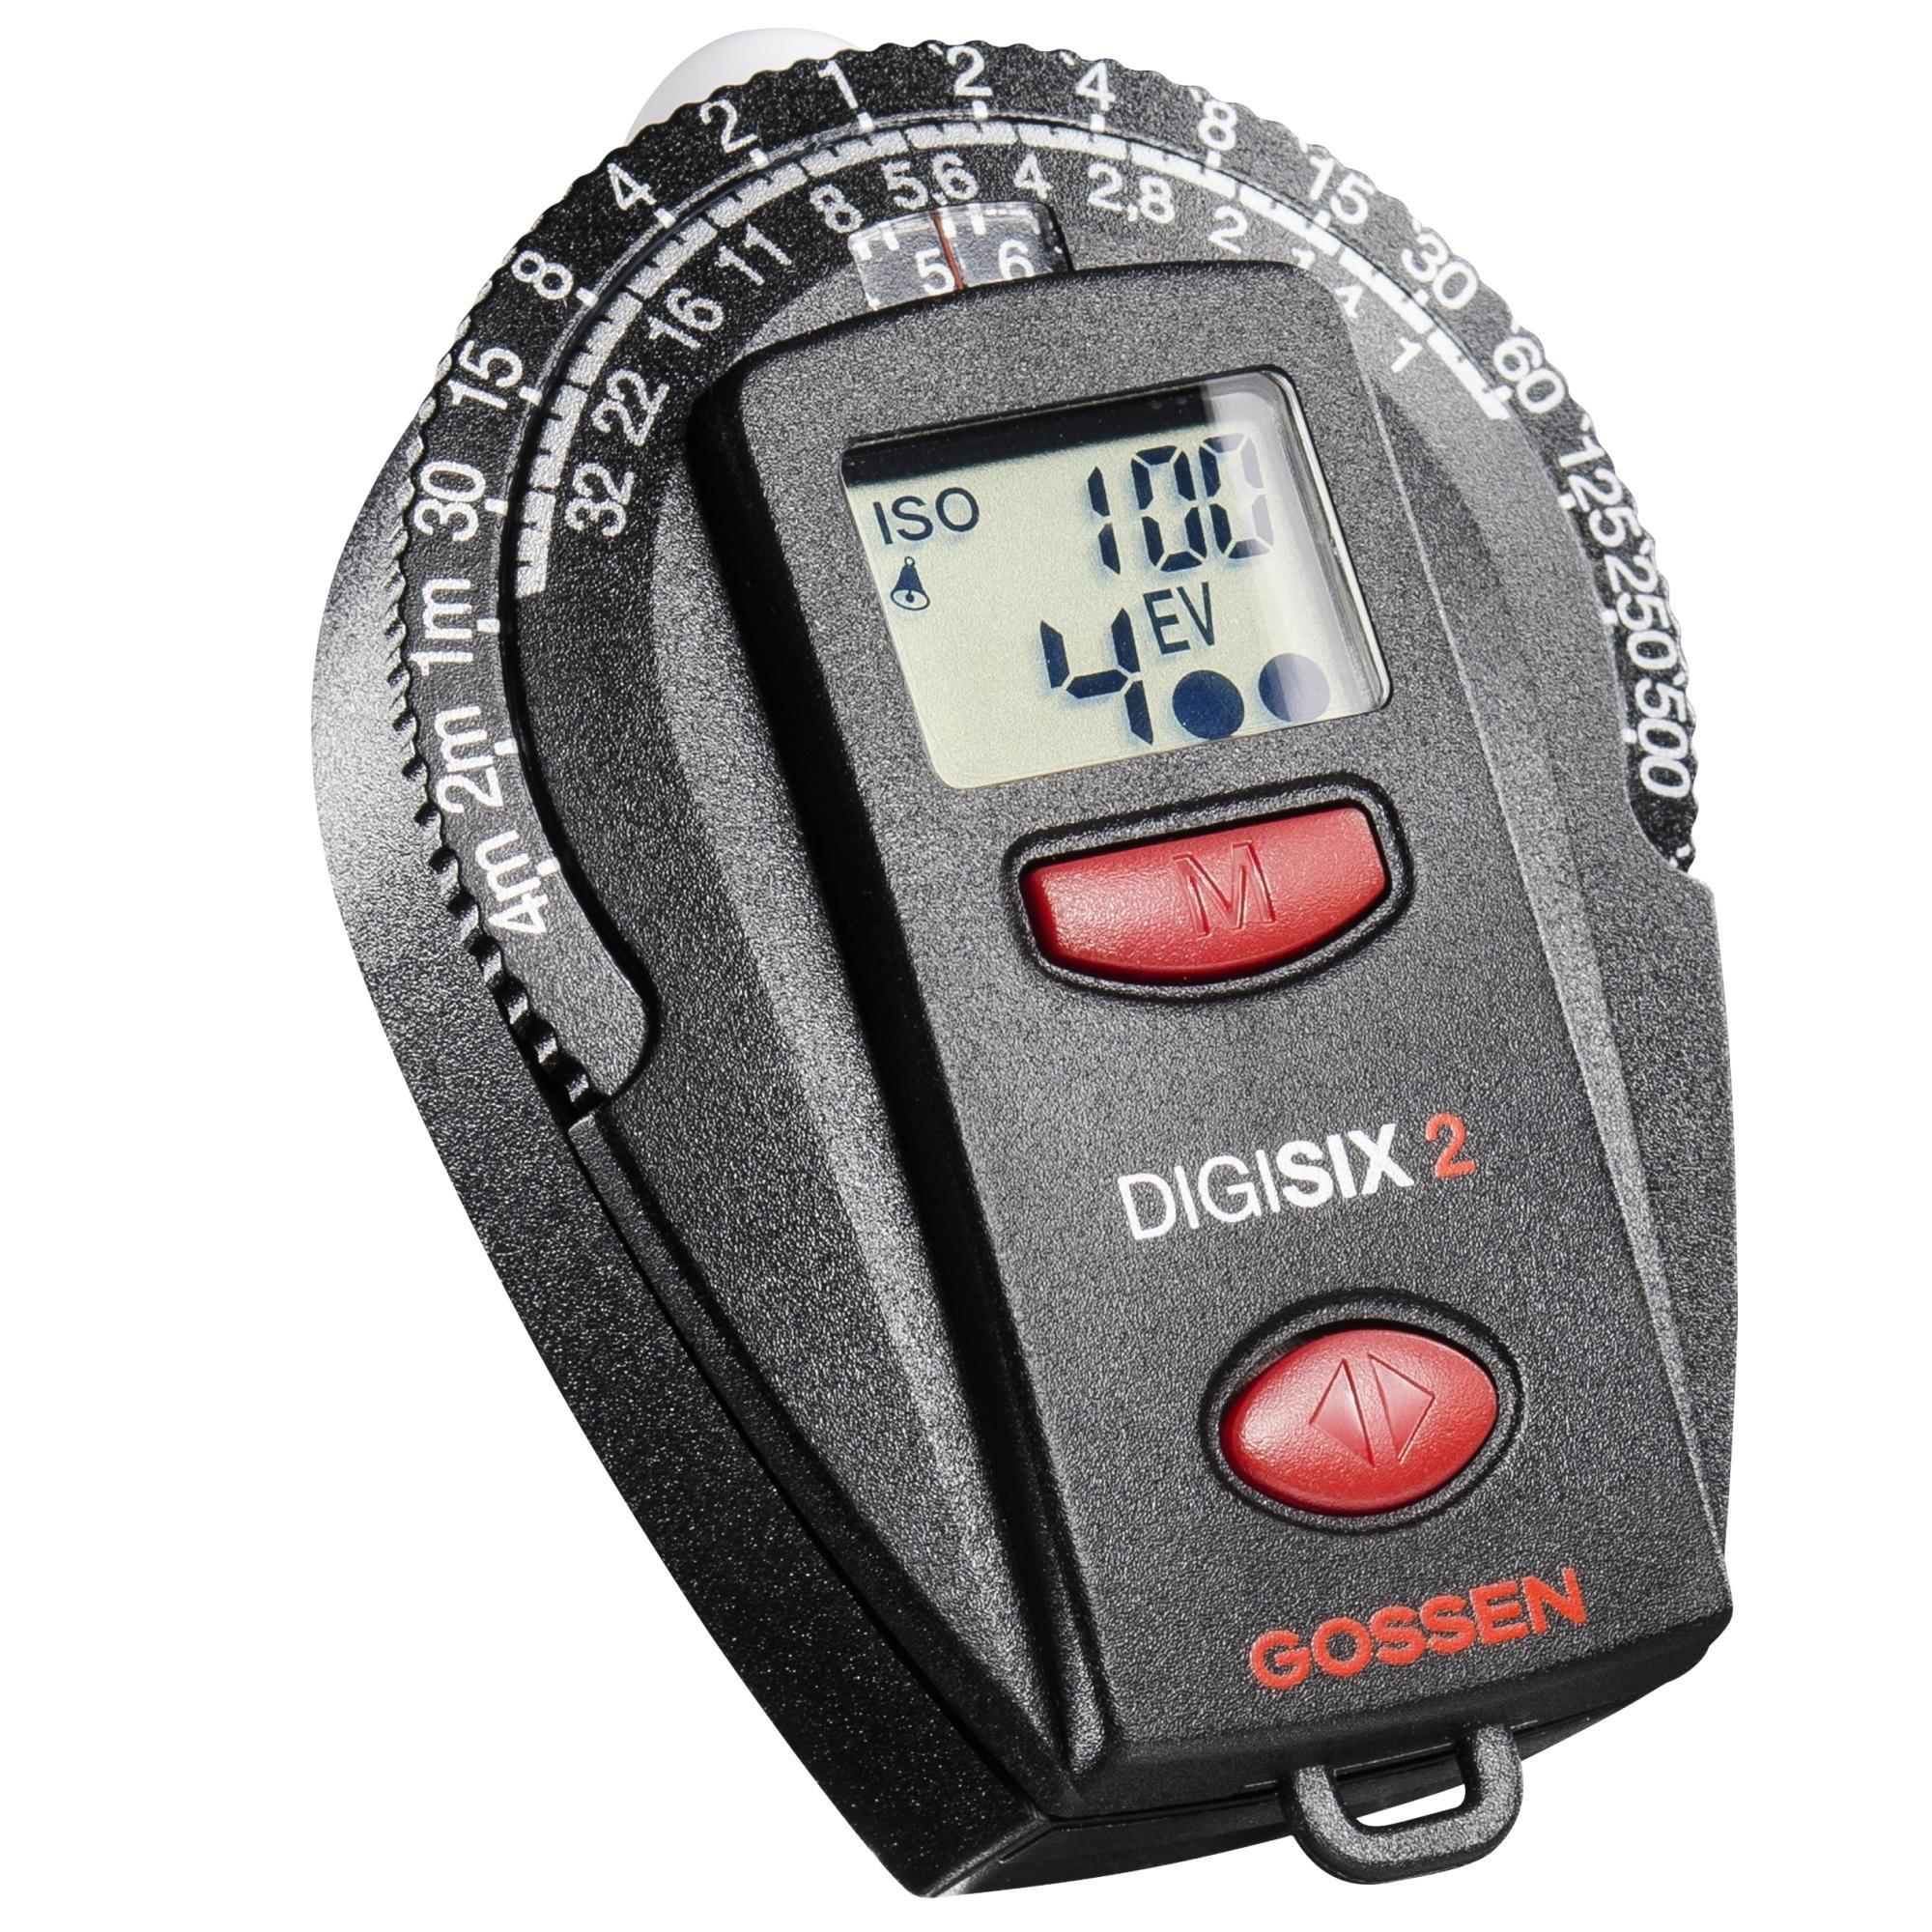 Gossen GO 4006-2 Digisix Light Meter 2 (Black) by Gossen